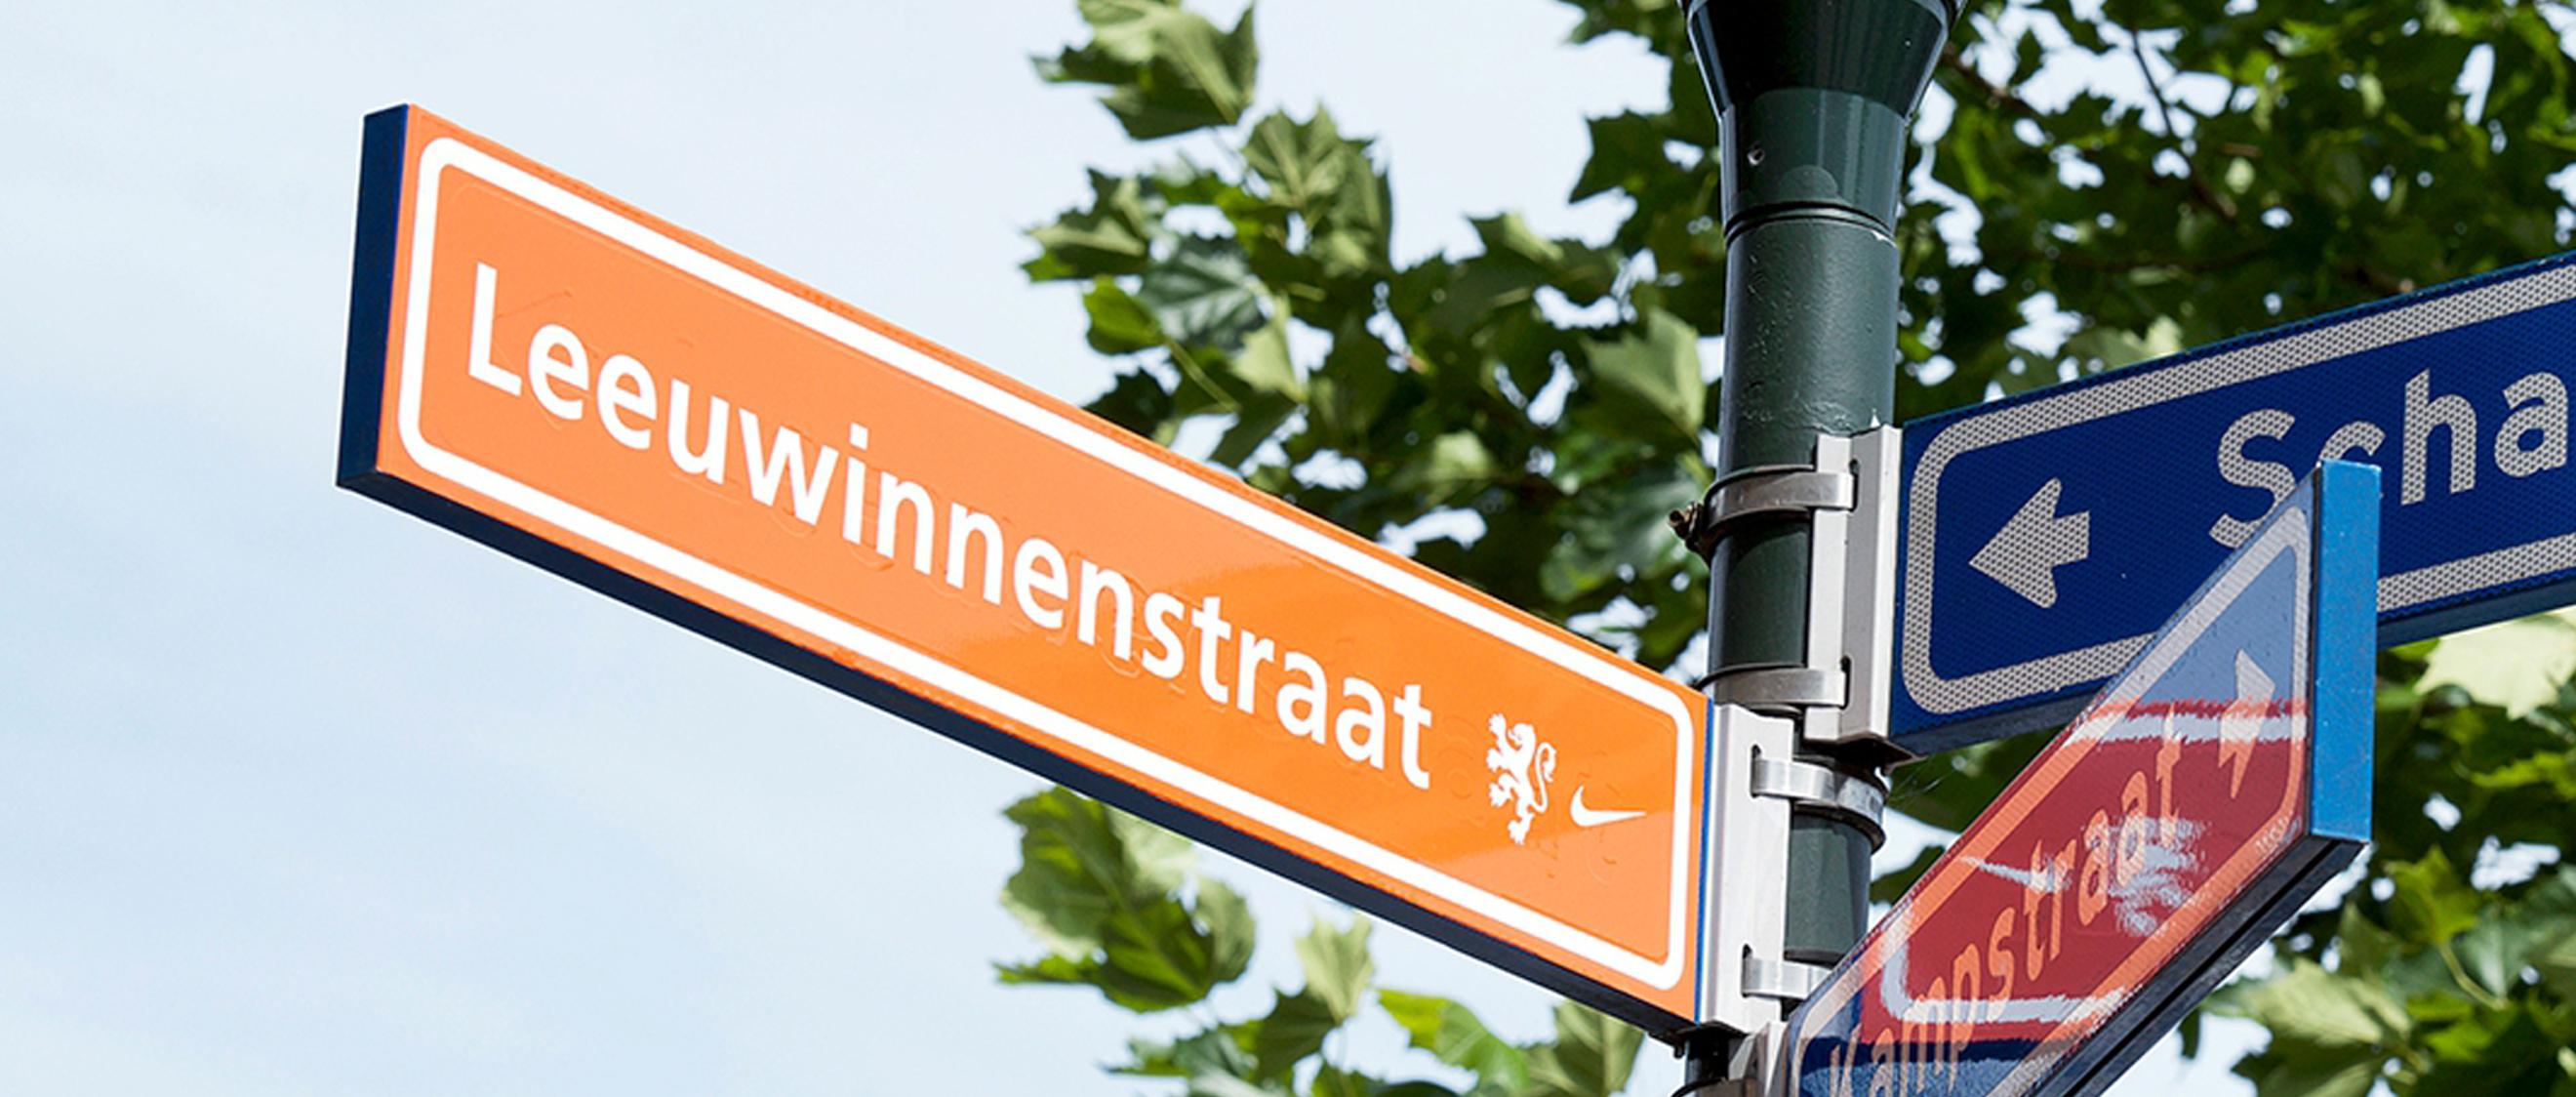 From Leeuwenstraat to Leeuwinnenstraat